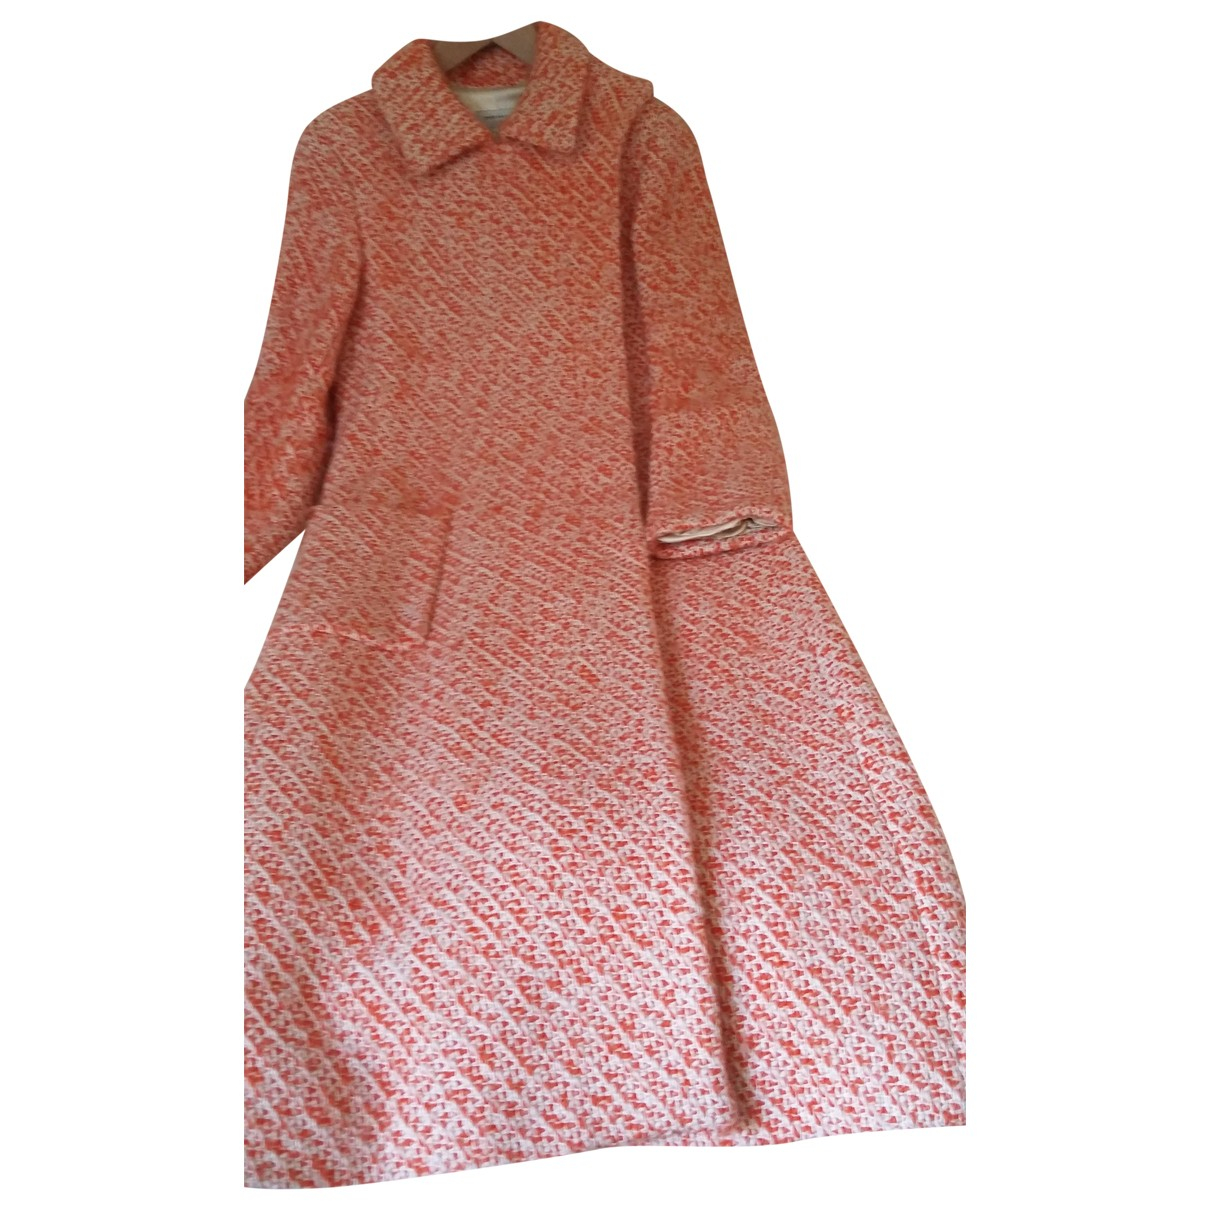 Dries Van Noten - Manteau   pour femme en laine - orange